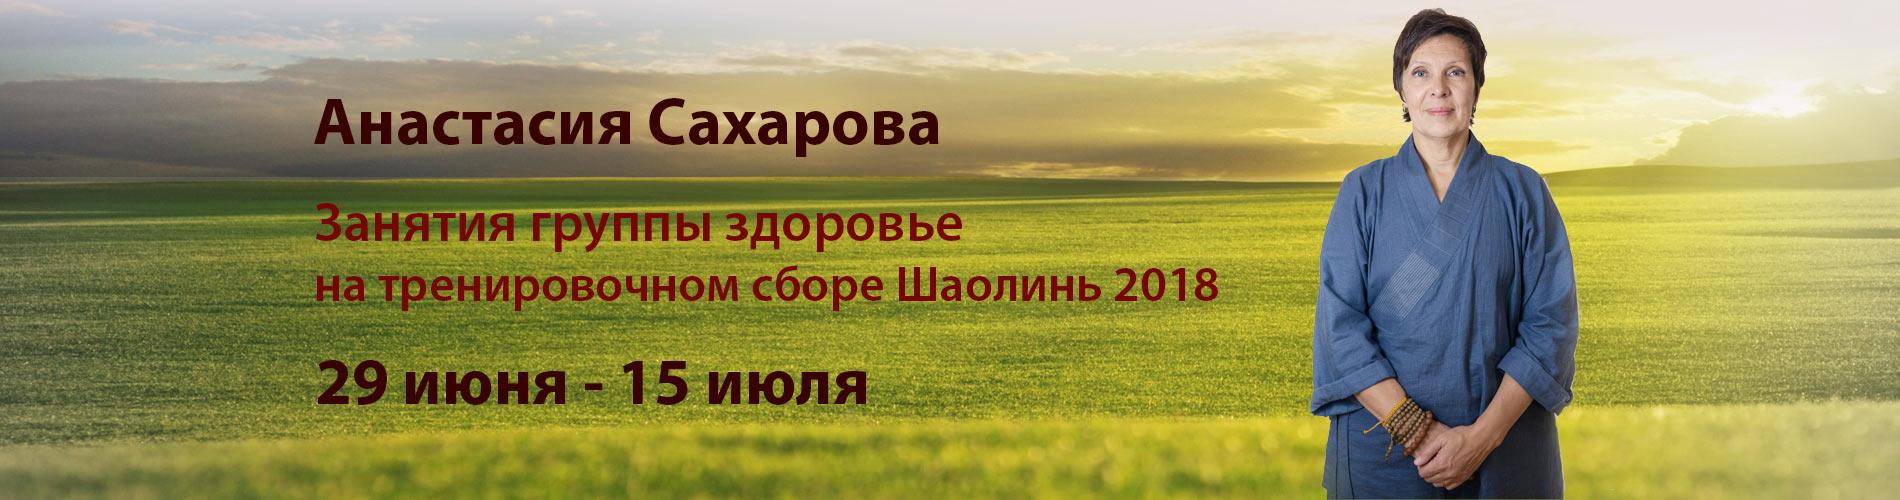 Шаолинь 2018 Анастасия Сахарова группа Здоровье